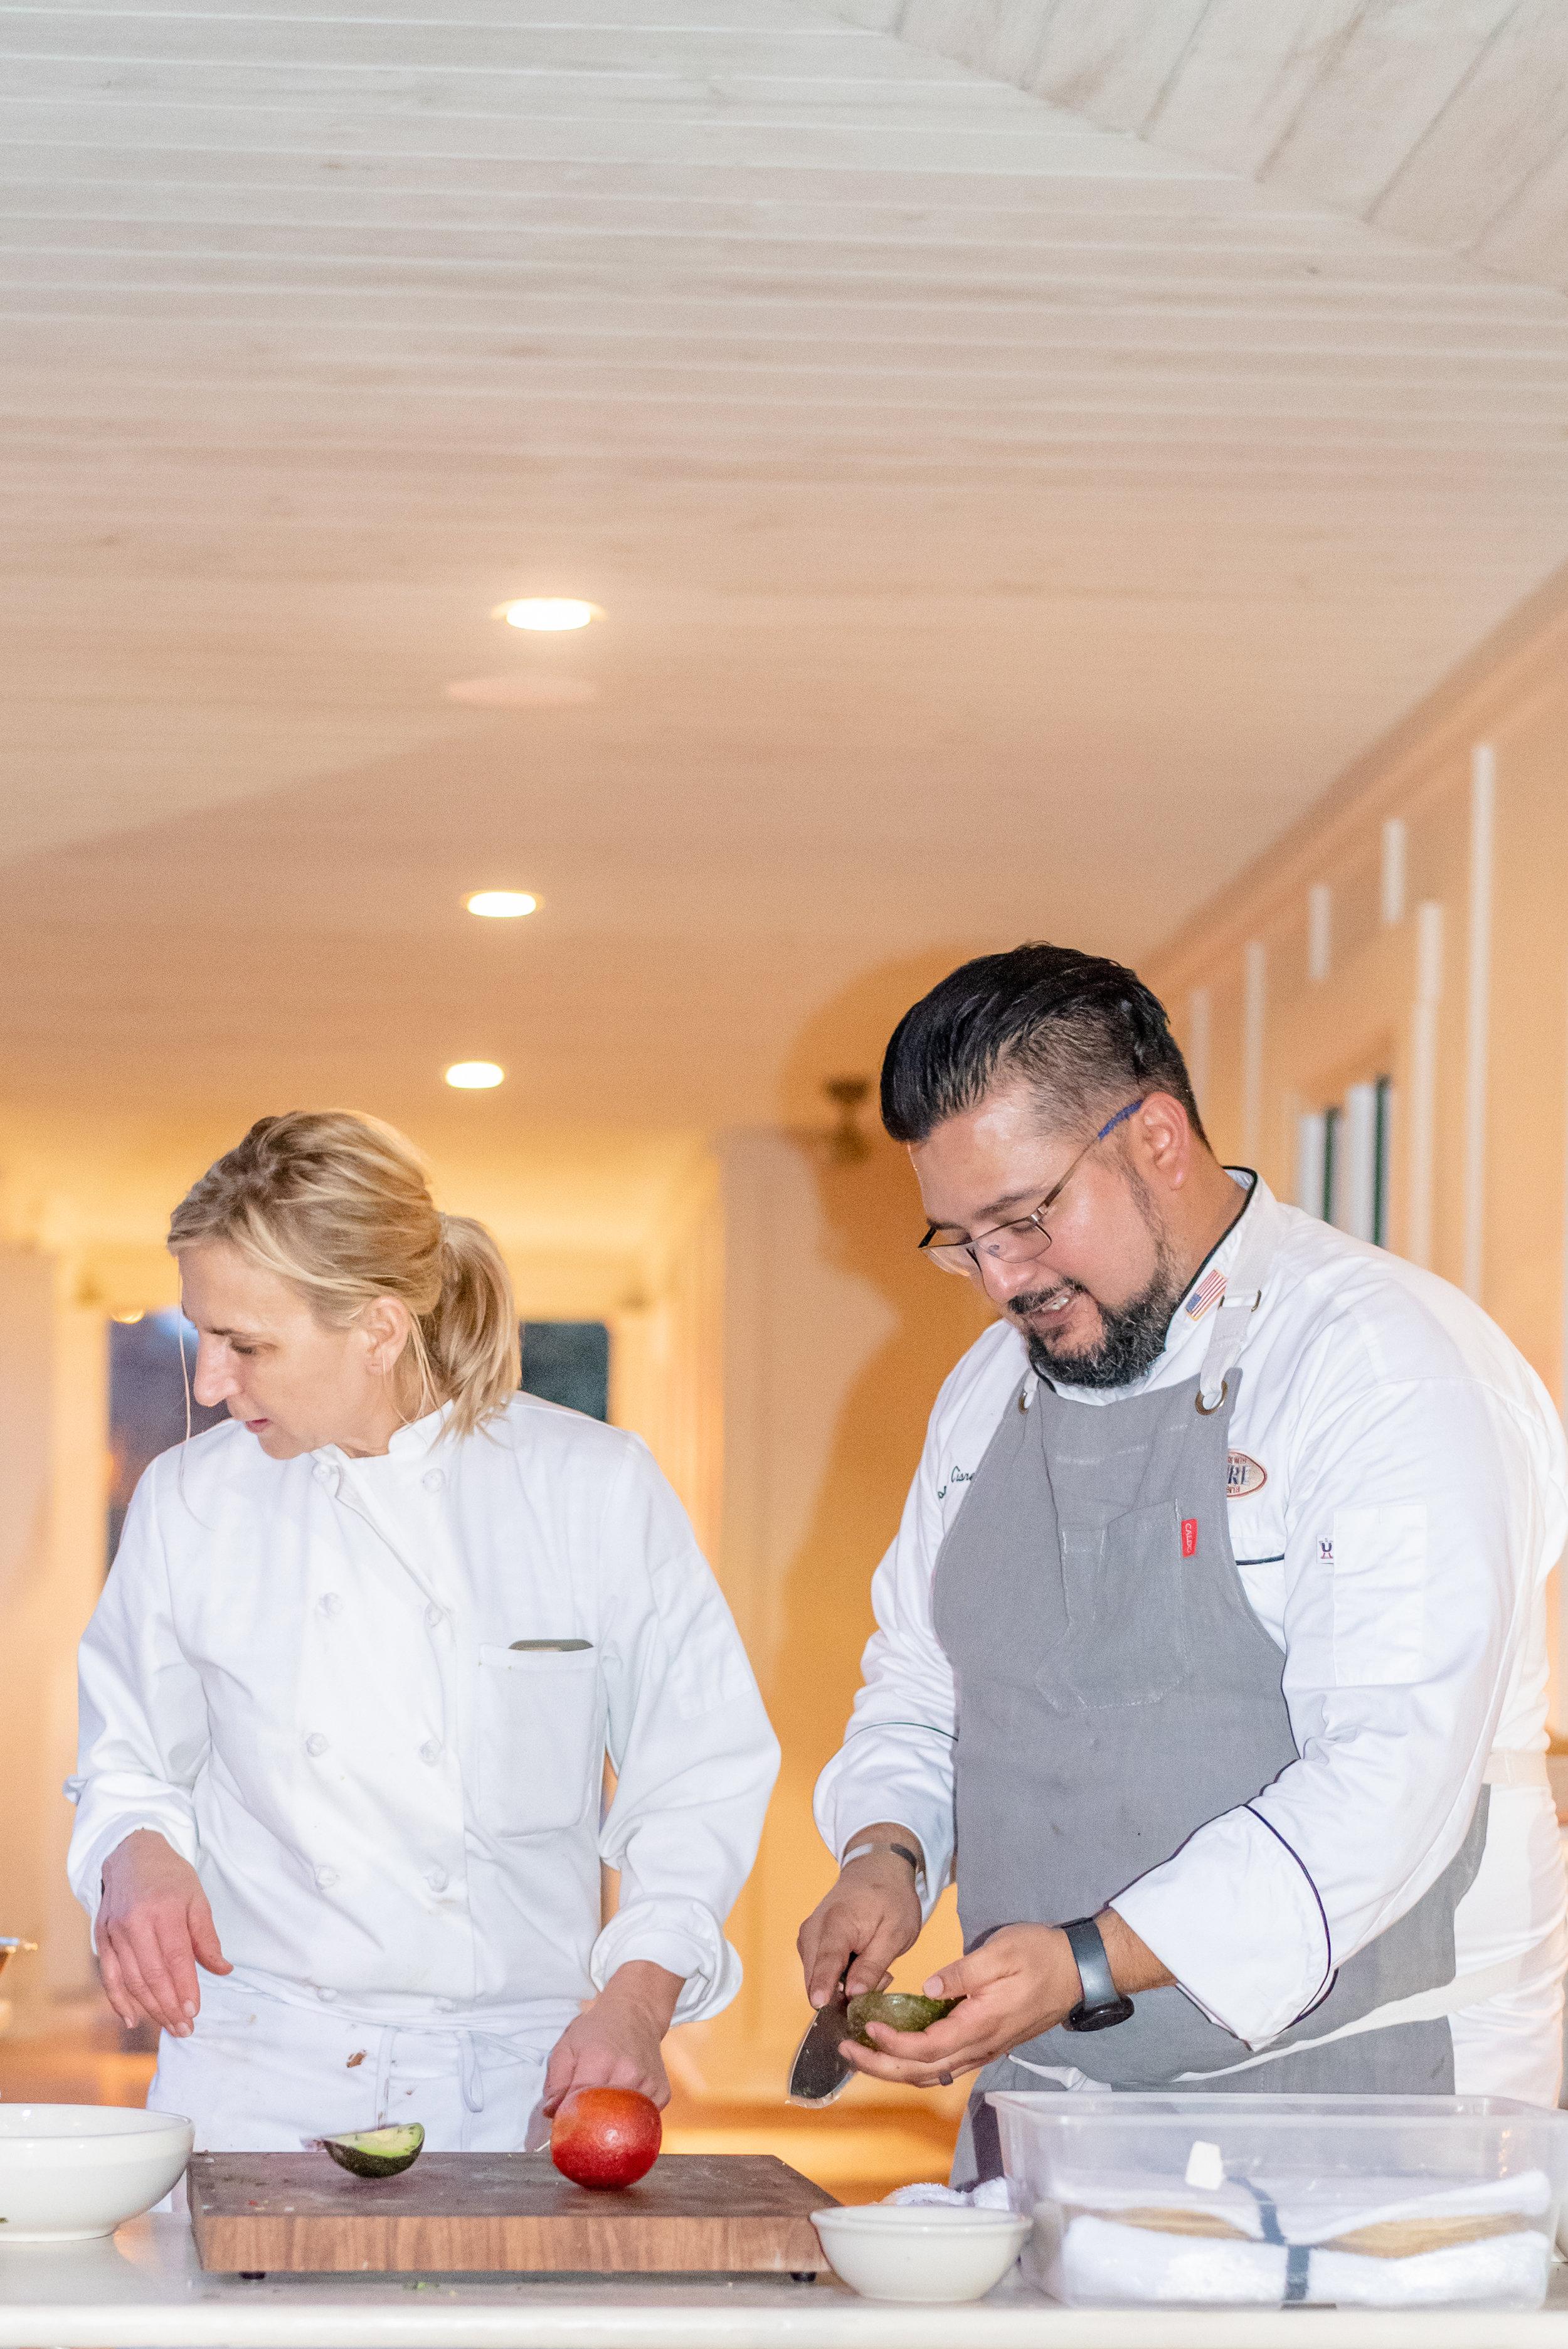 Chefs-Preparing-Food.jpg